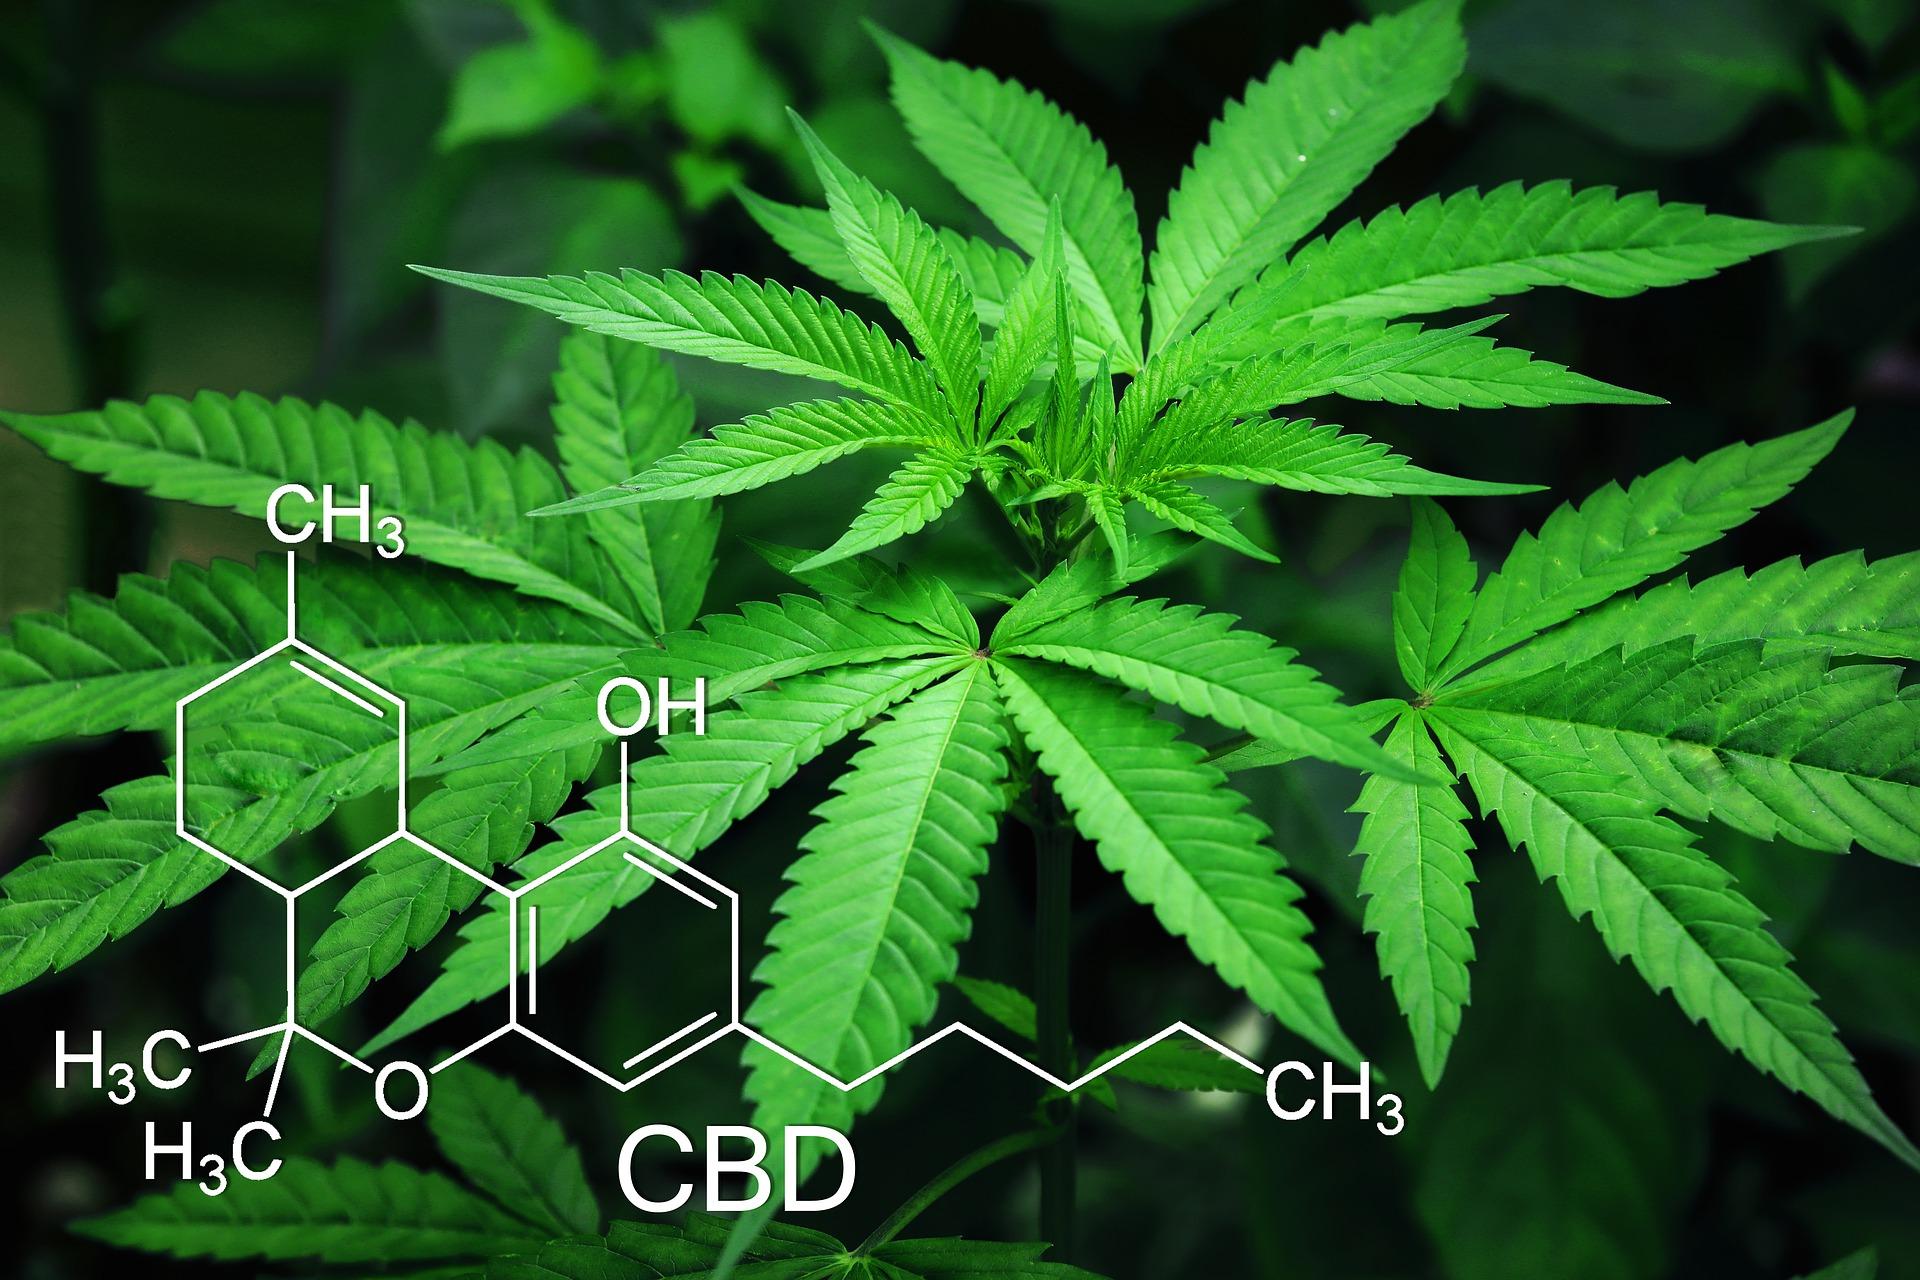 Meddig mutatható ki a drog a szervezetünkben?